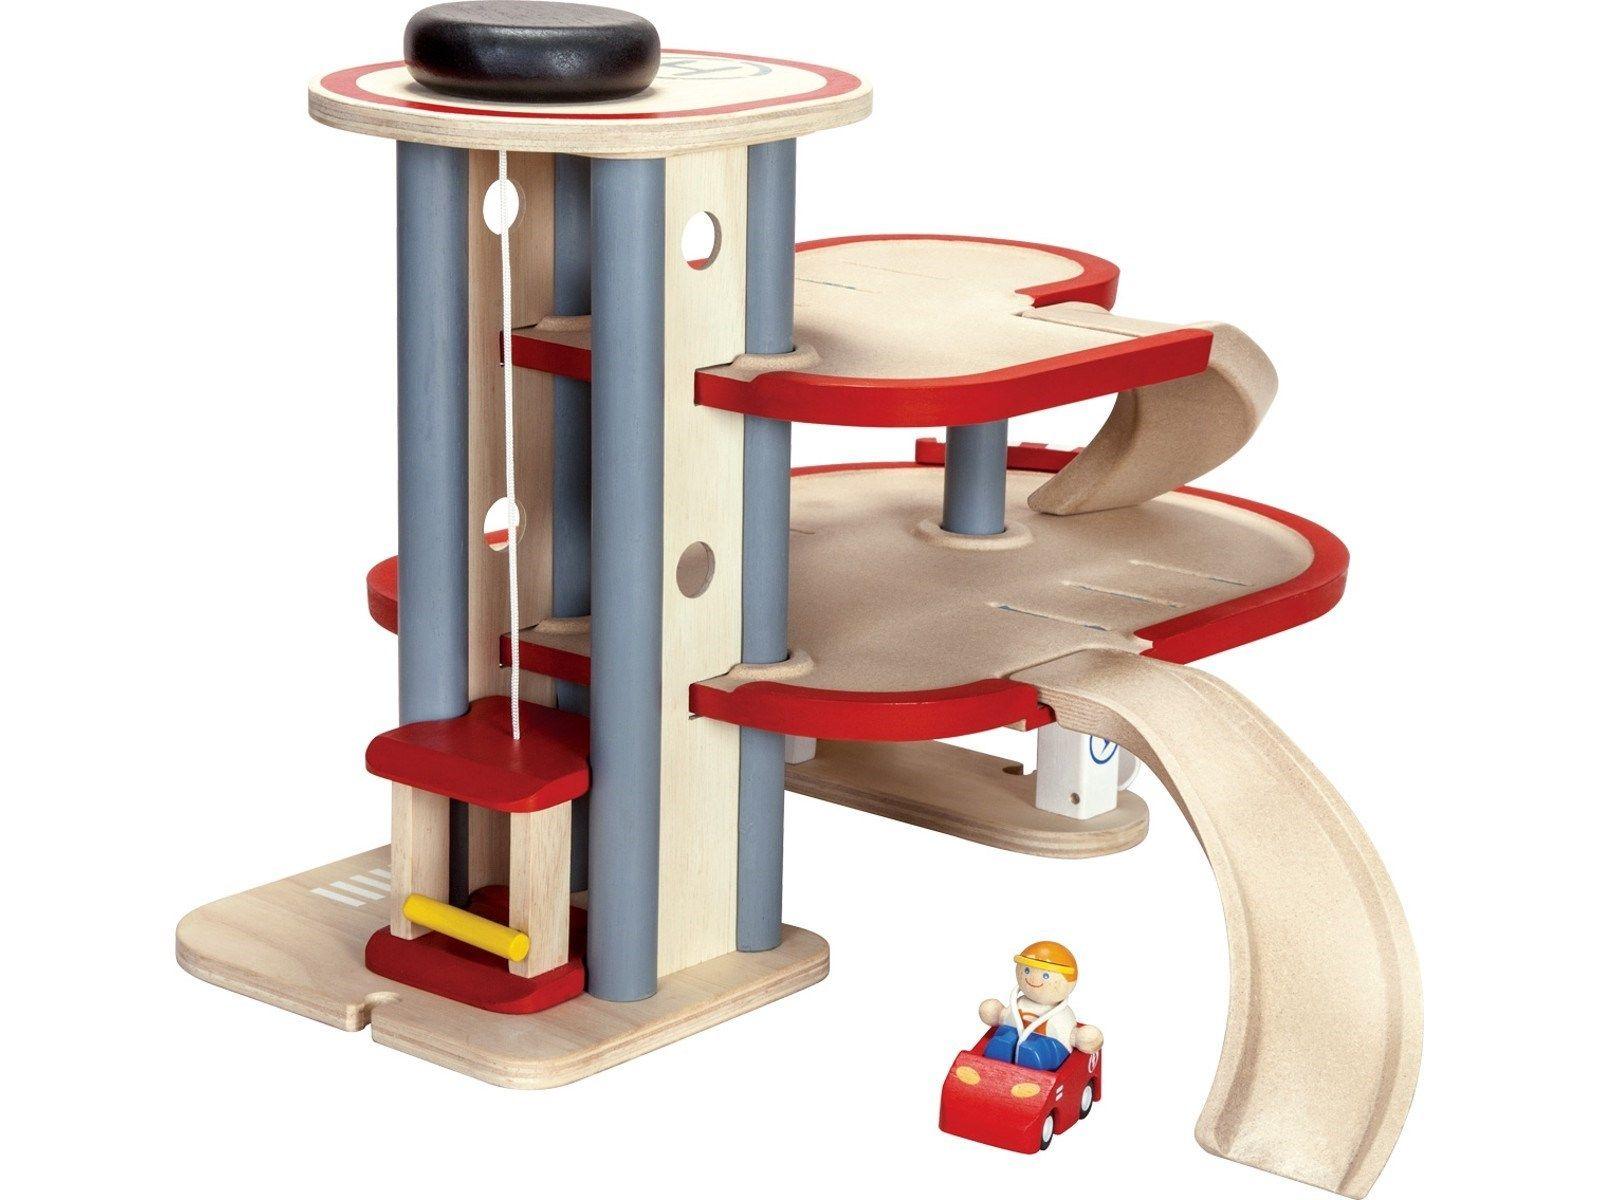 Plan Toys Garage : Holz parkhaus von plan toys höhe cm breite cm tiefe cm